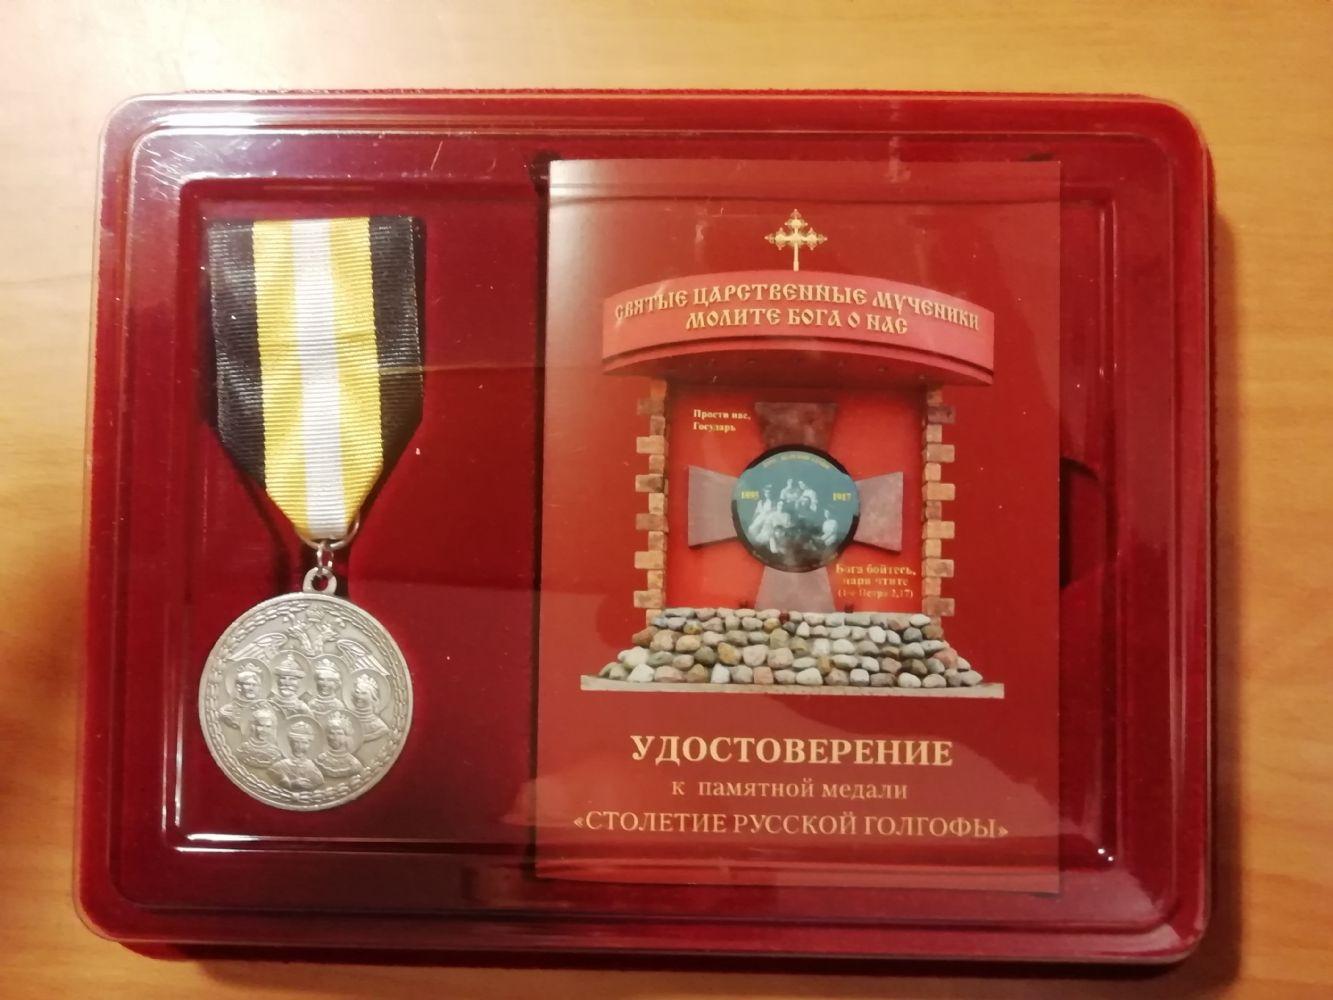 Владыку Вениамина наградили памятной медалью